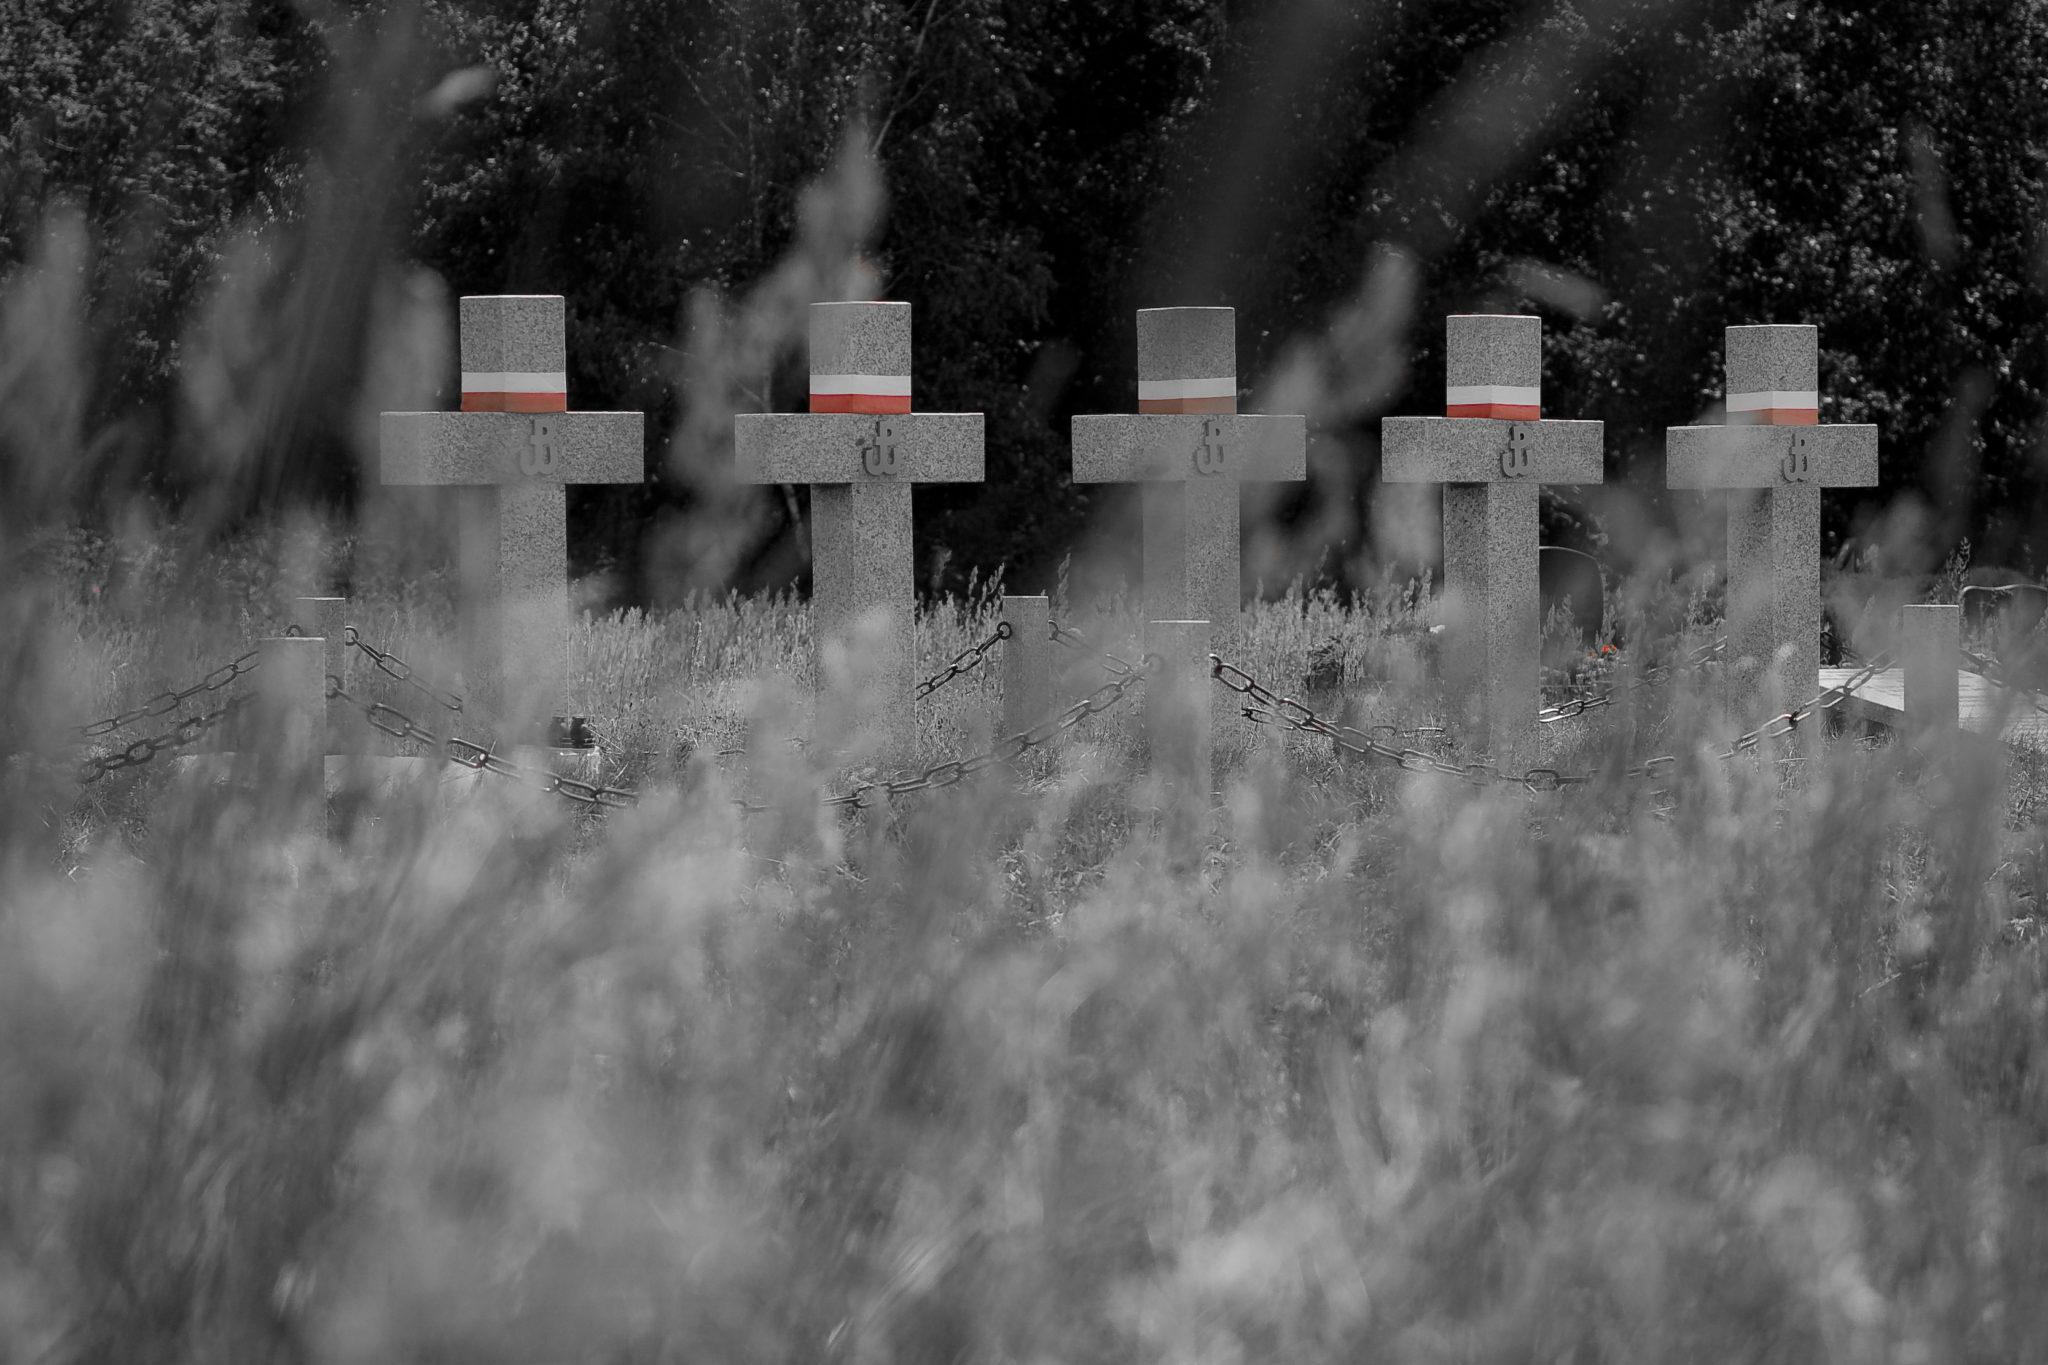 Dubicze, Litwa – kwatera żołnierzy AK